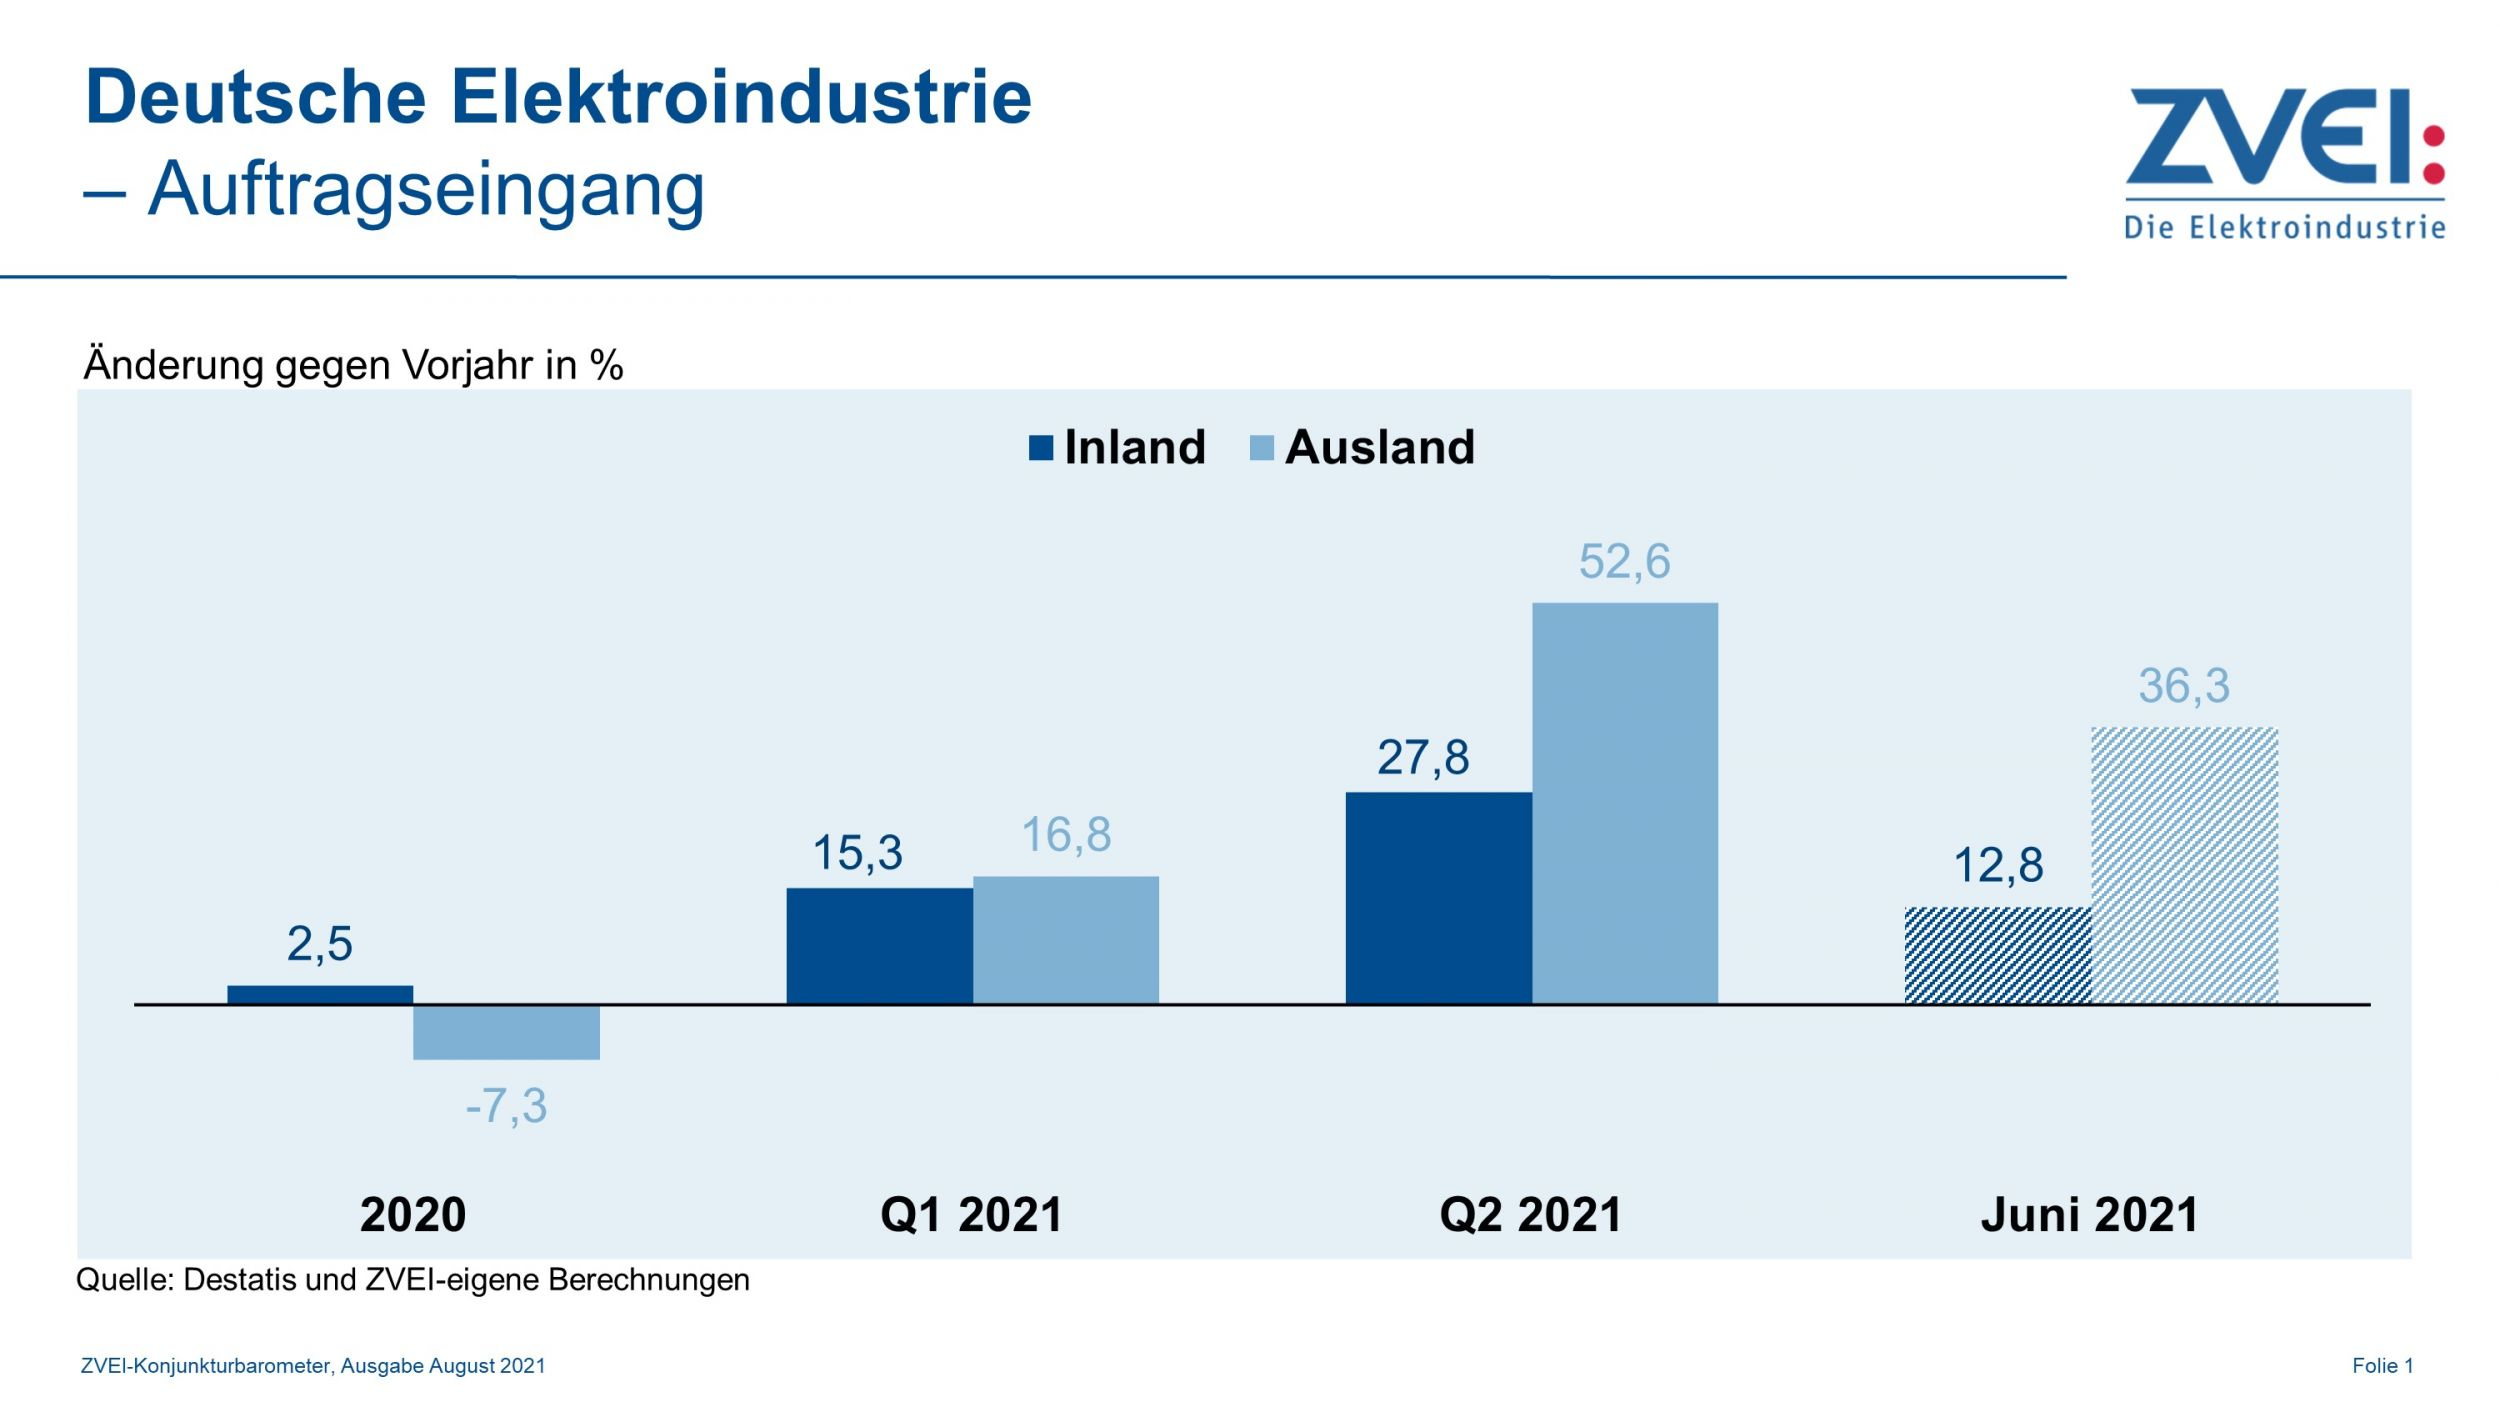 Deutsche Elektroindustrie mit deutlichem Plus im ersten Halbjahr